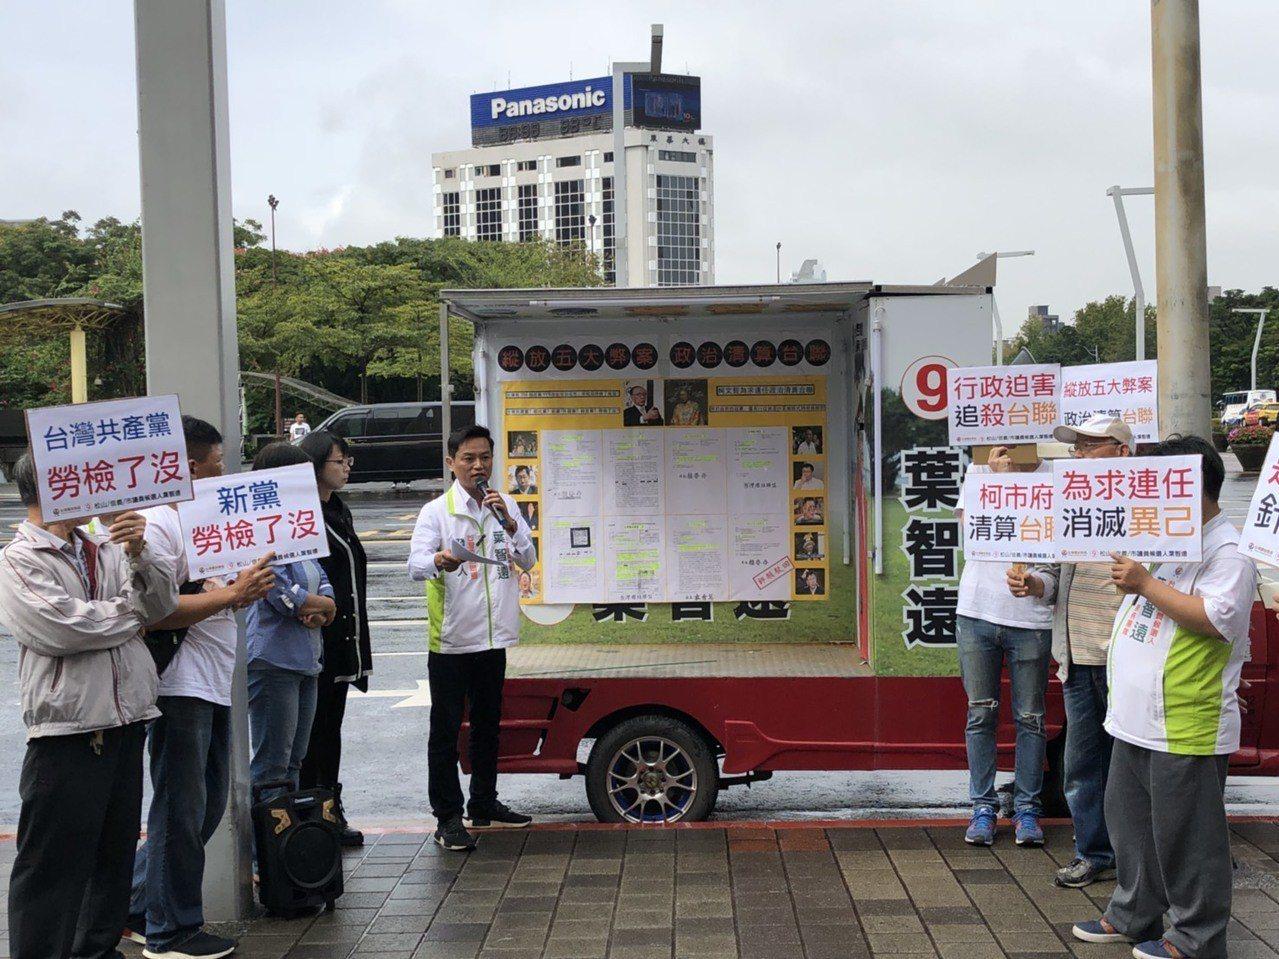 台灣團結聯盟發言人葉智遠等人今一早到北市府前抗議,質疑北市府勞動局僅針對台聯黨部...